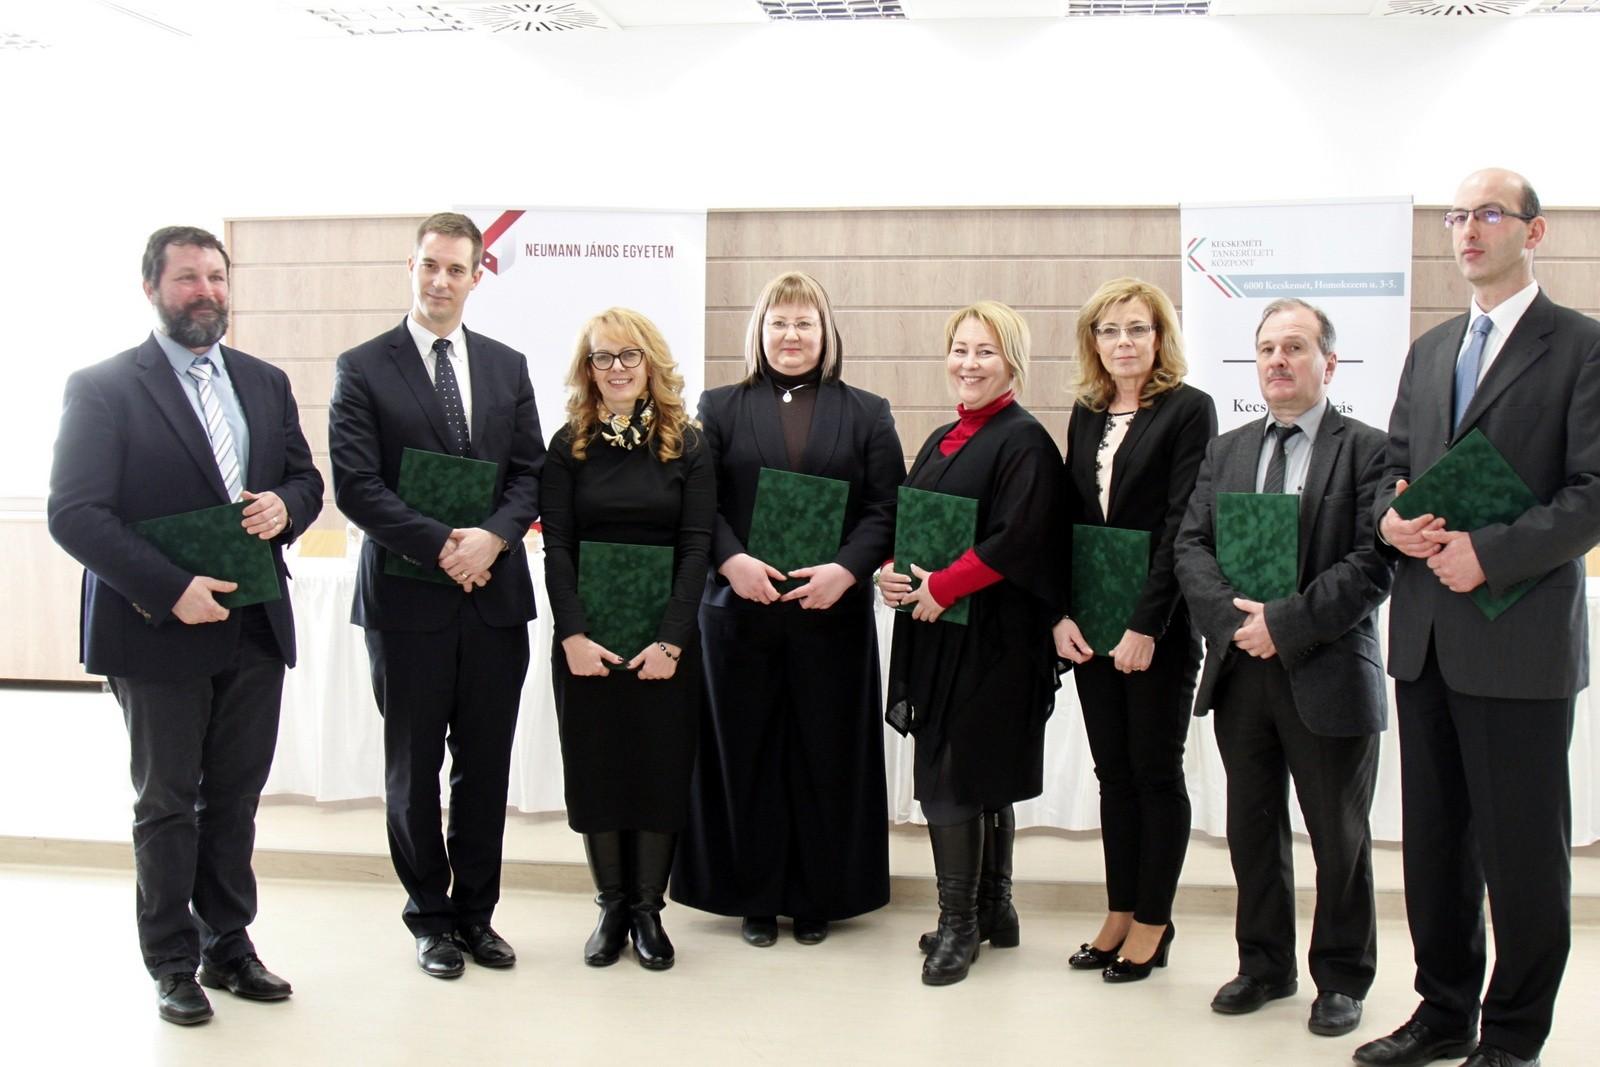 Együttműködési megállapodás a Neumann János Egyetem és a Kecskeméti Tankerületi Központ között